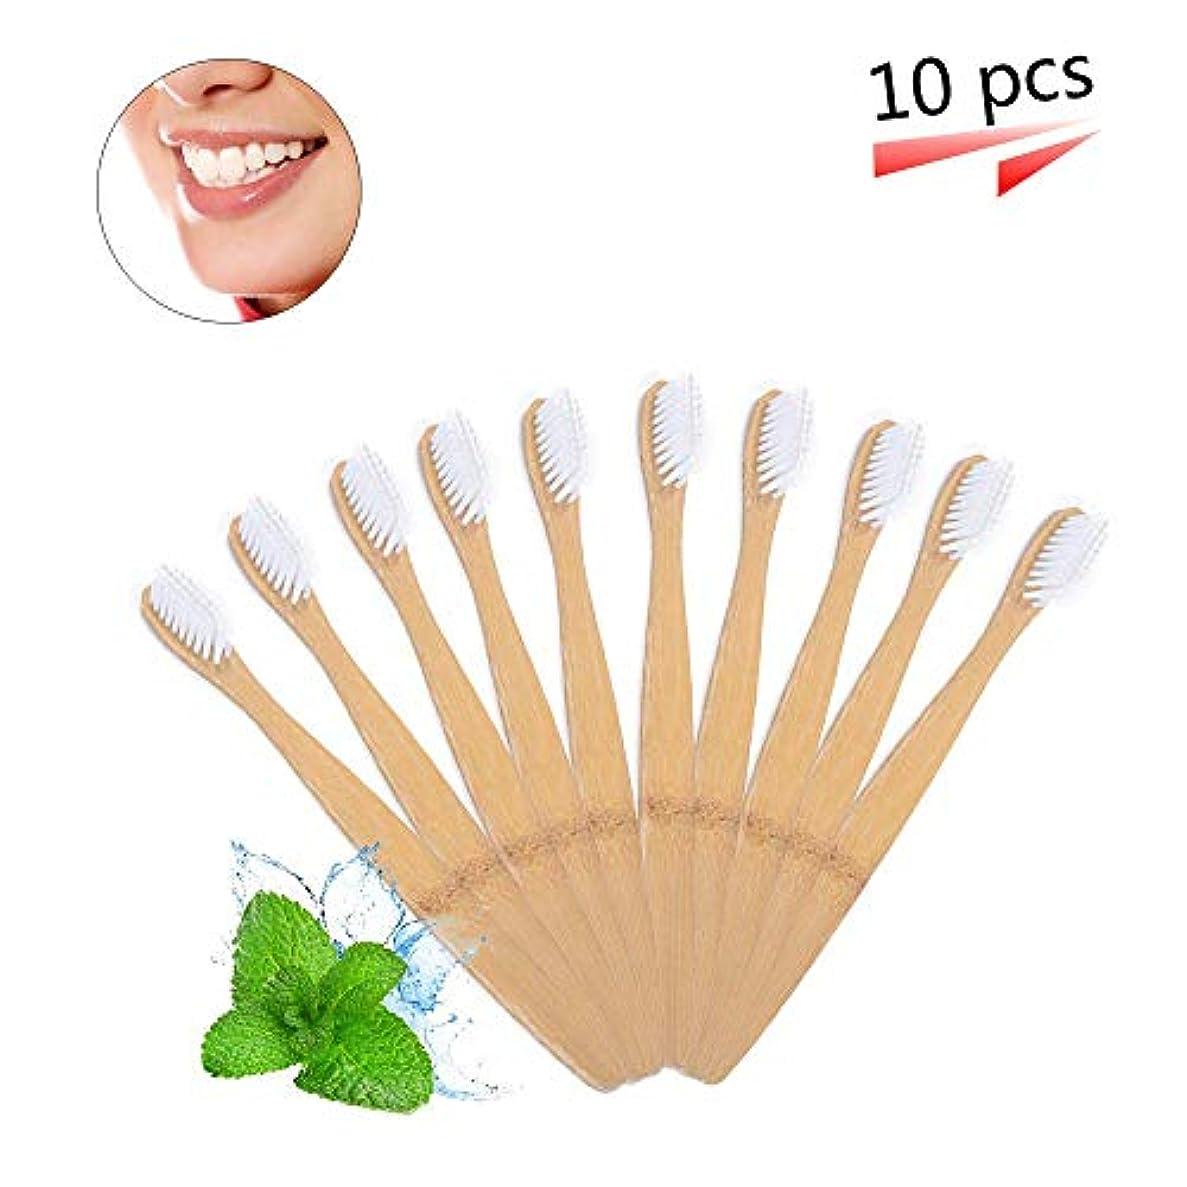 早熟資産農村竹の歯ブラシ 分解性 環境保護の歯ブラシ 天然の柔らかいブラシ ホワイト 10本